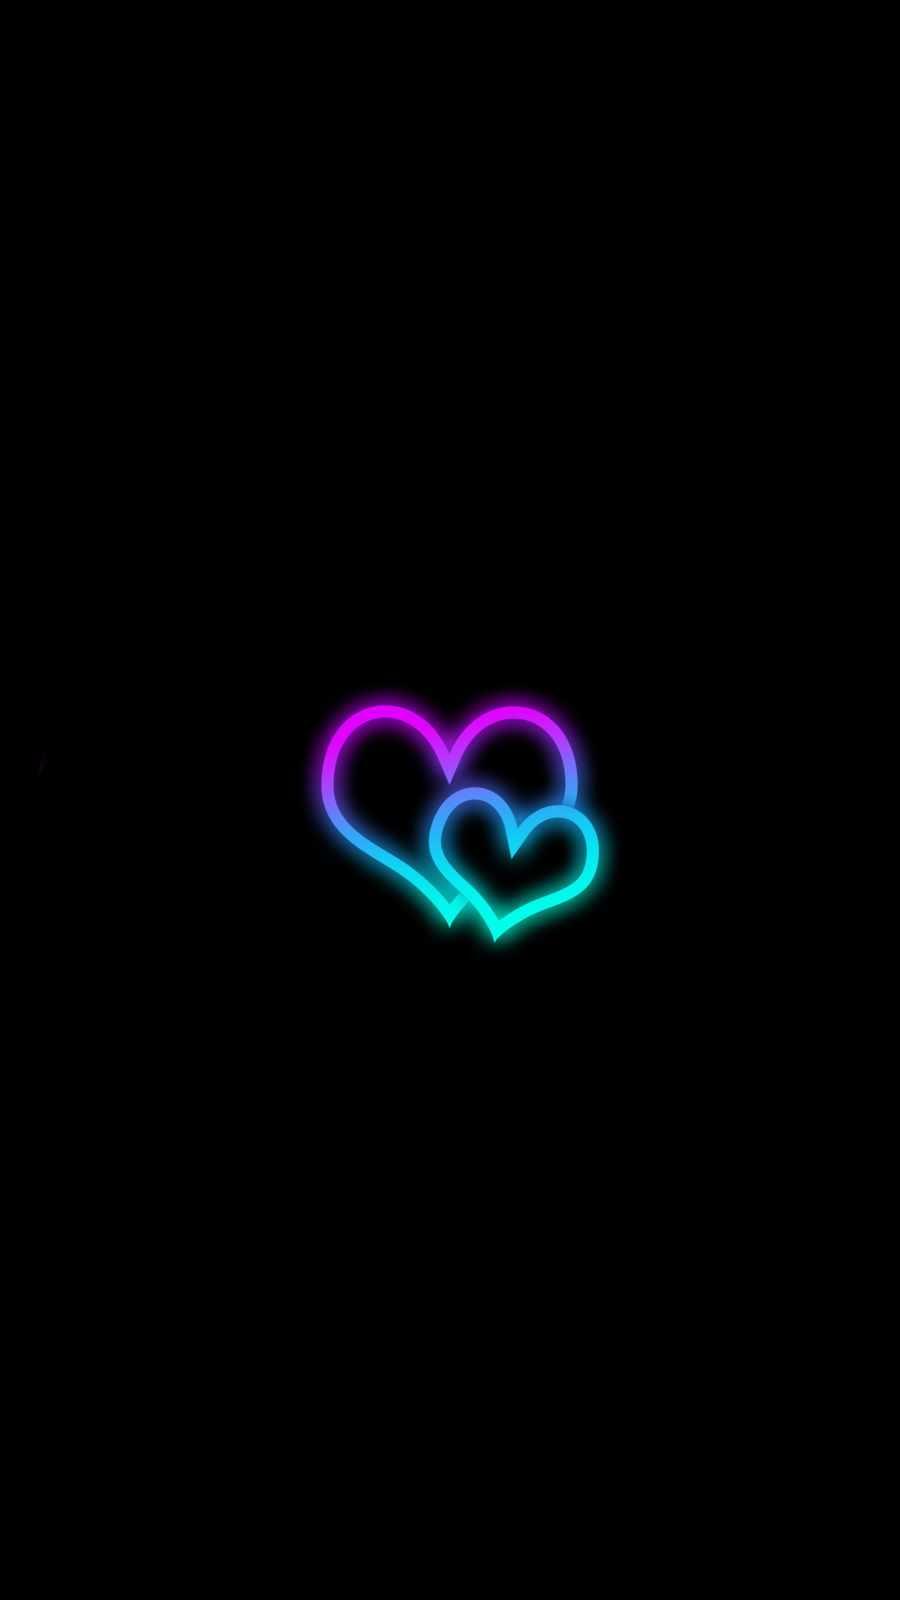 Neon Heart iPhone Wallpaper